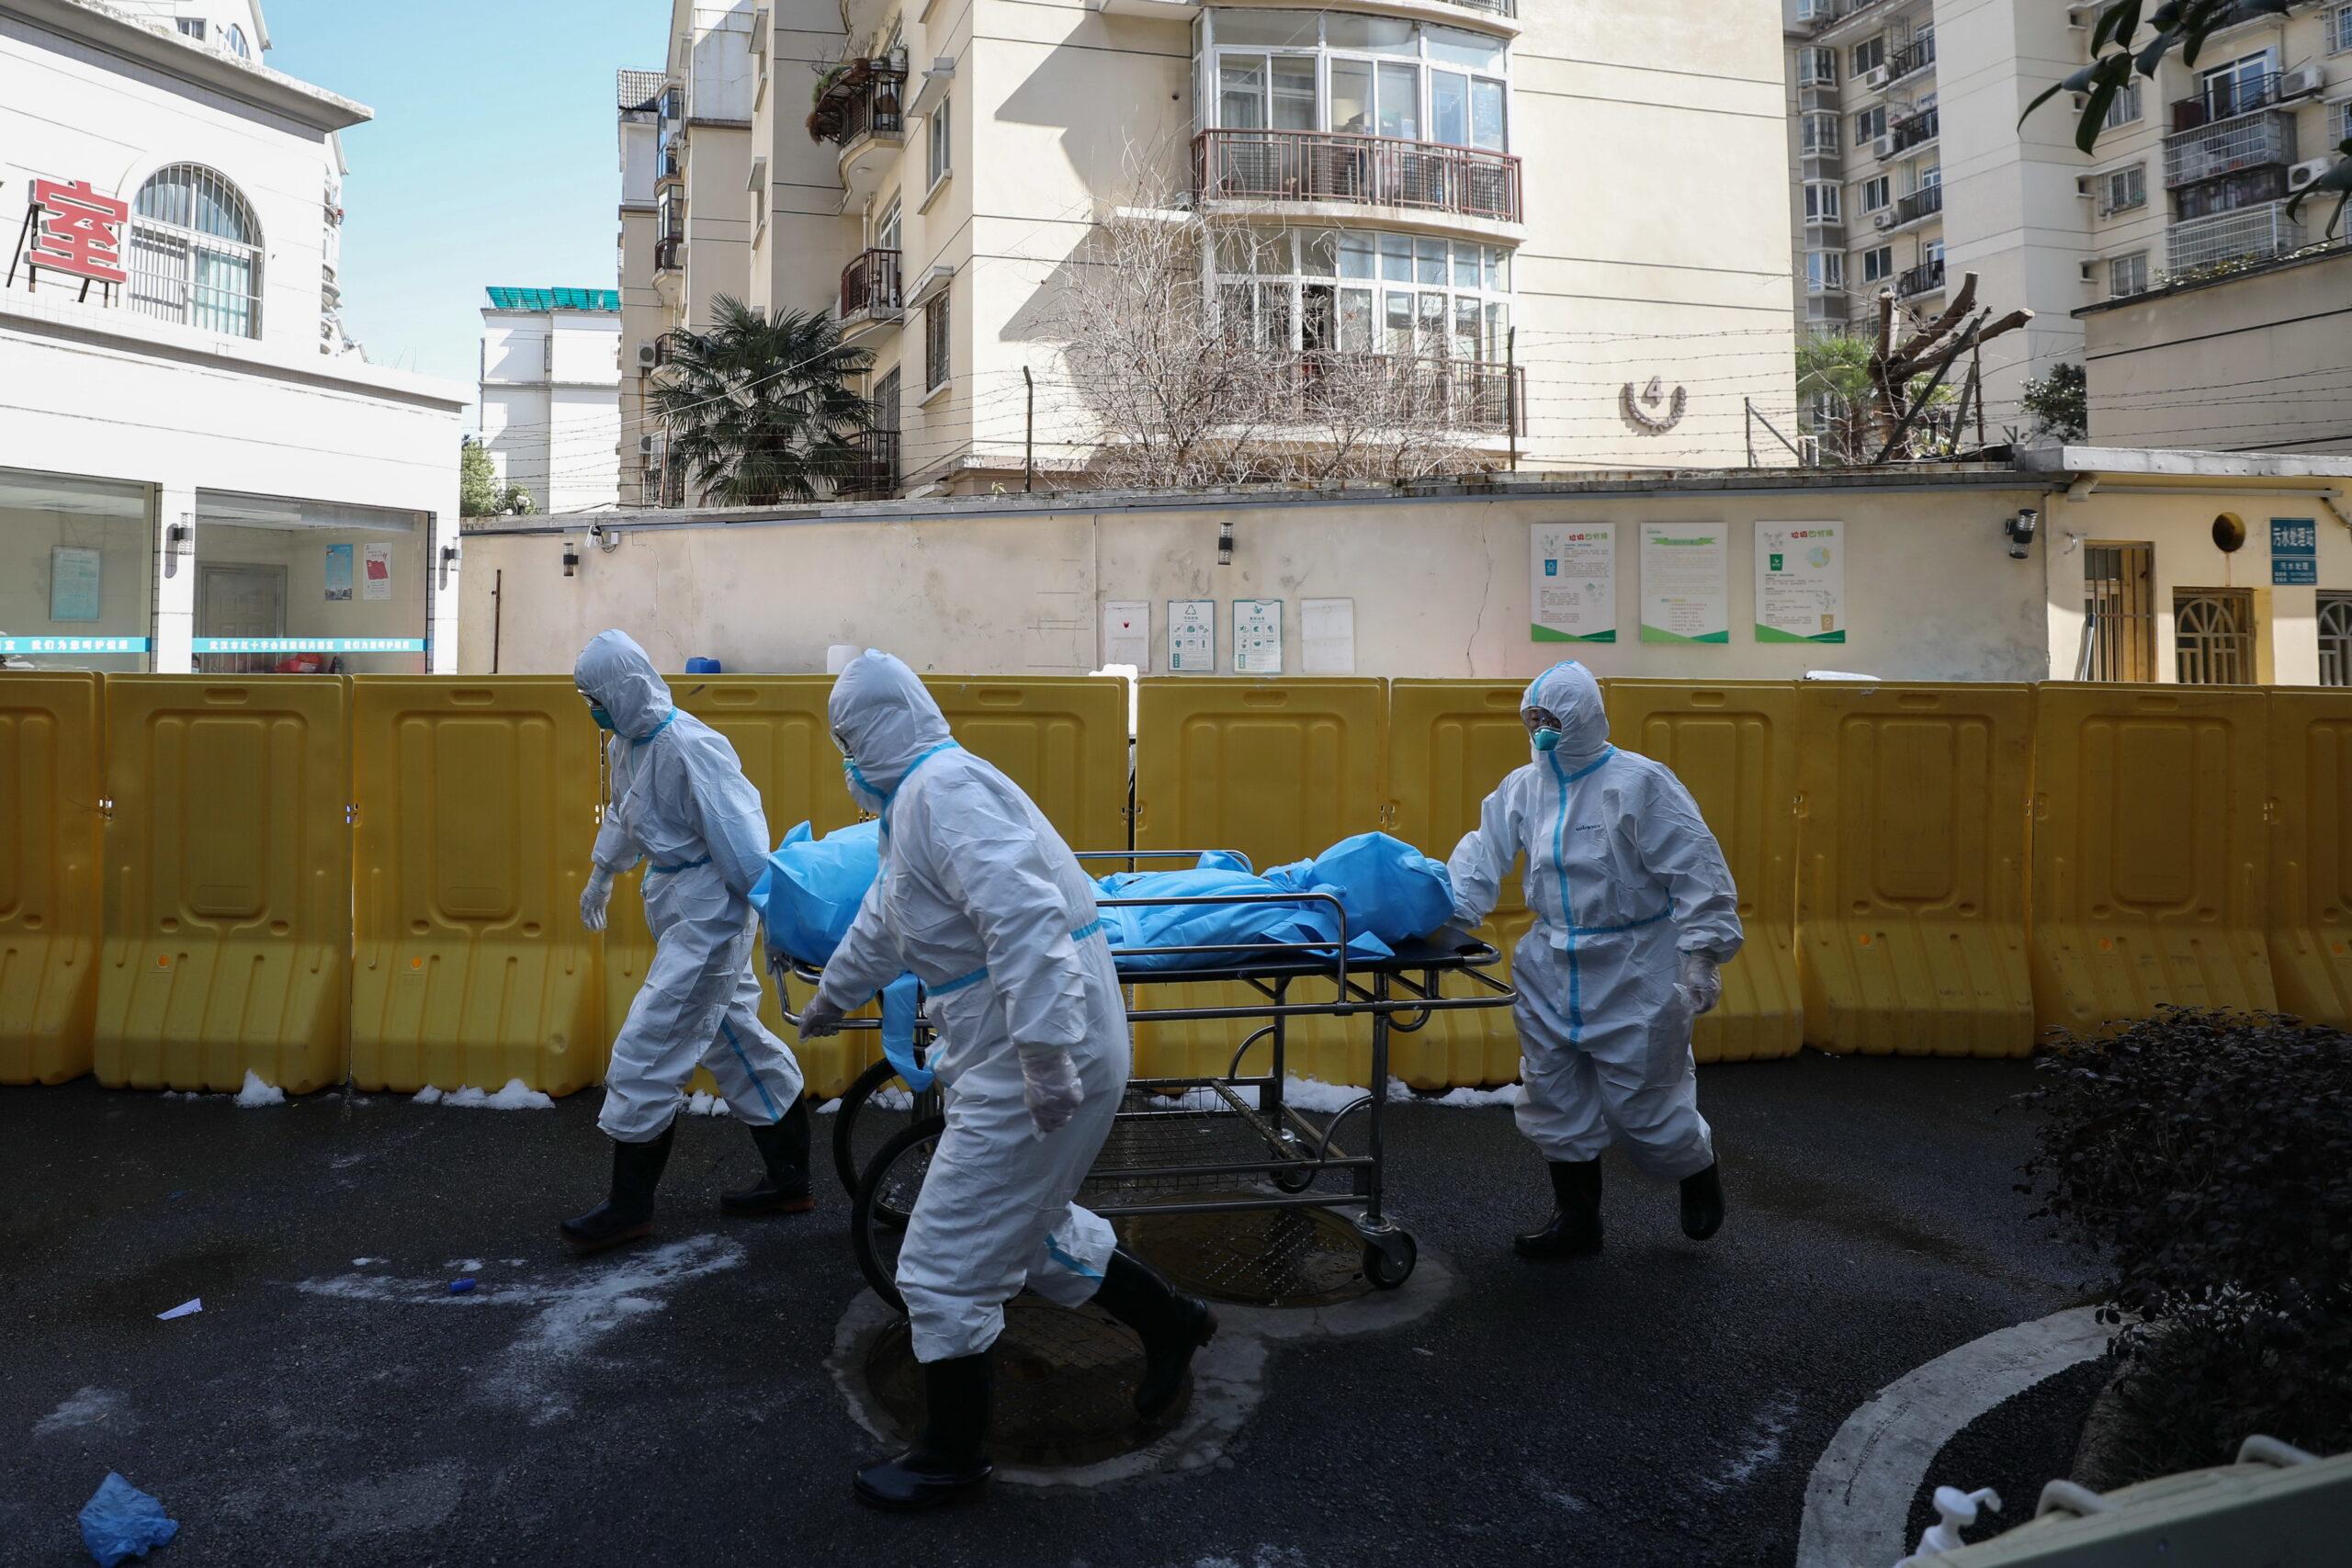 Panică în Italia. Bolnavi de coronavirus, deși n-au fost în China